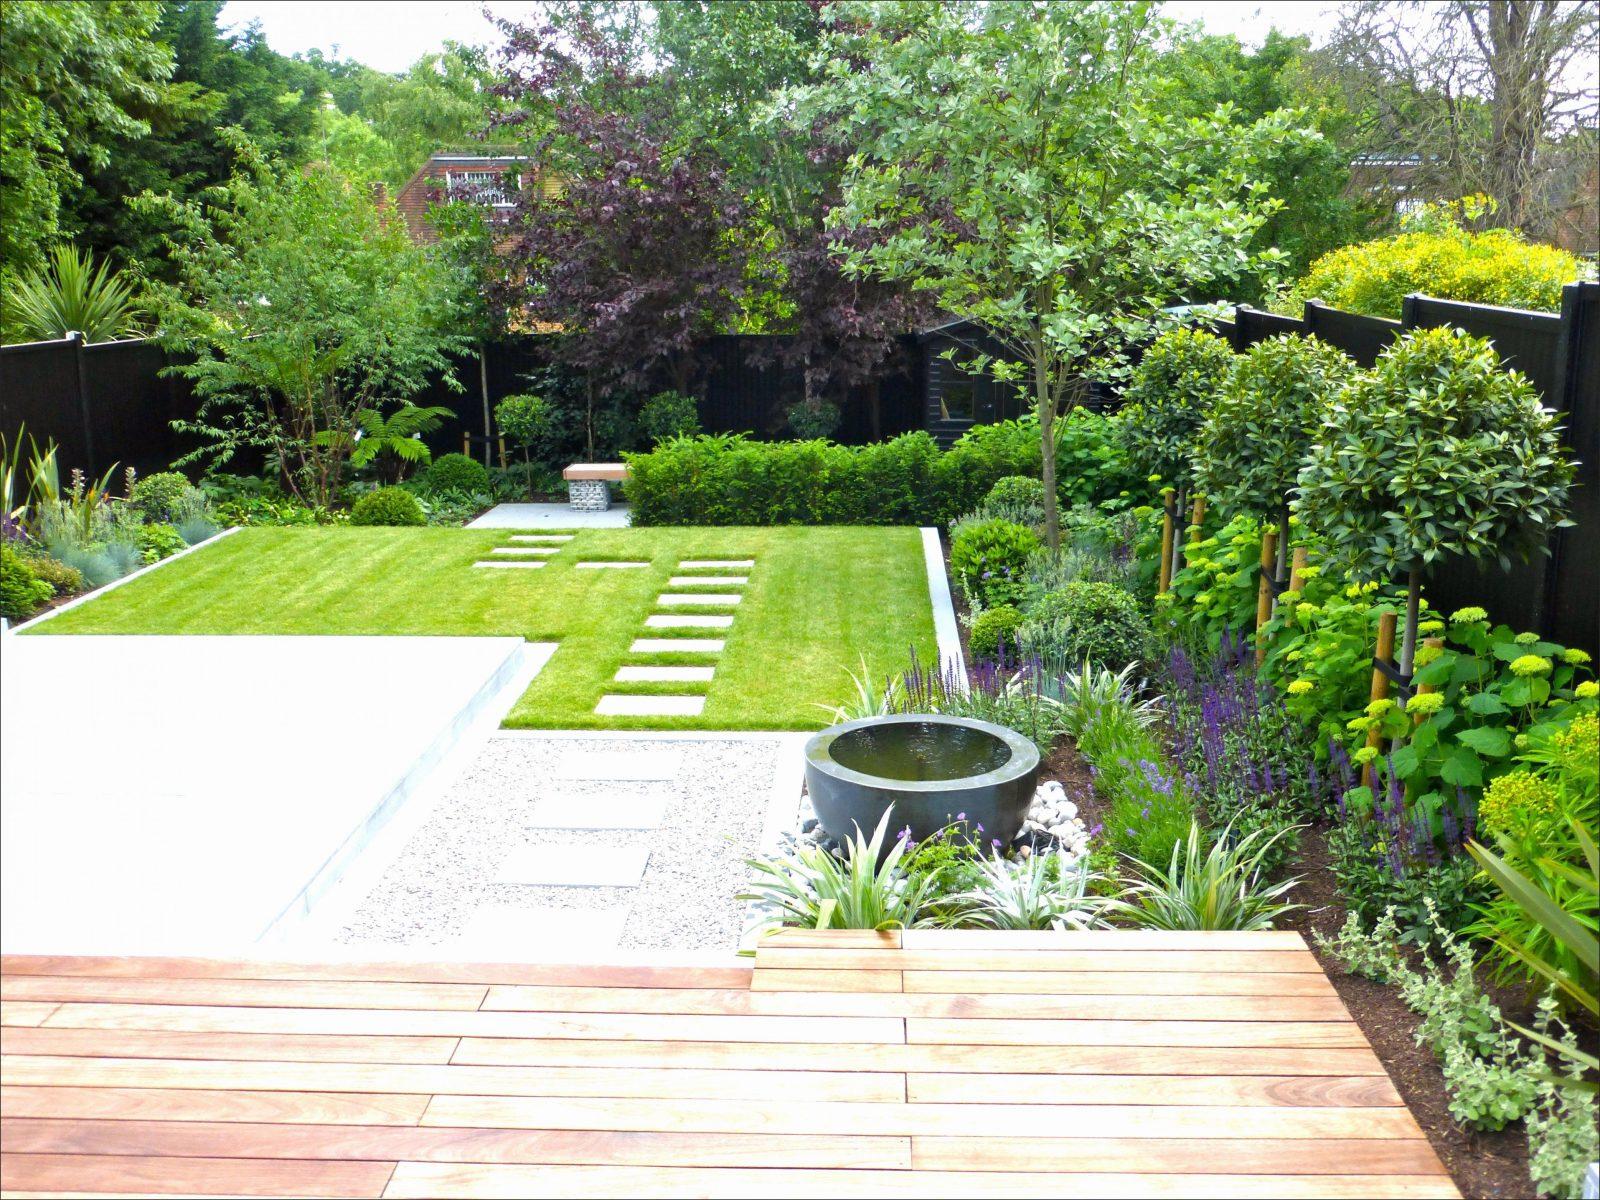 Mediterraner Garten Luxus Luxus Garten Mit Kies Gestalten Bilder von Mediterraner Garten Mit Kies Photo